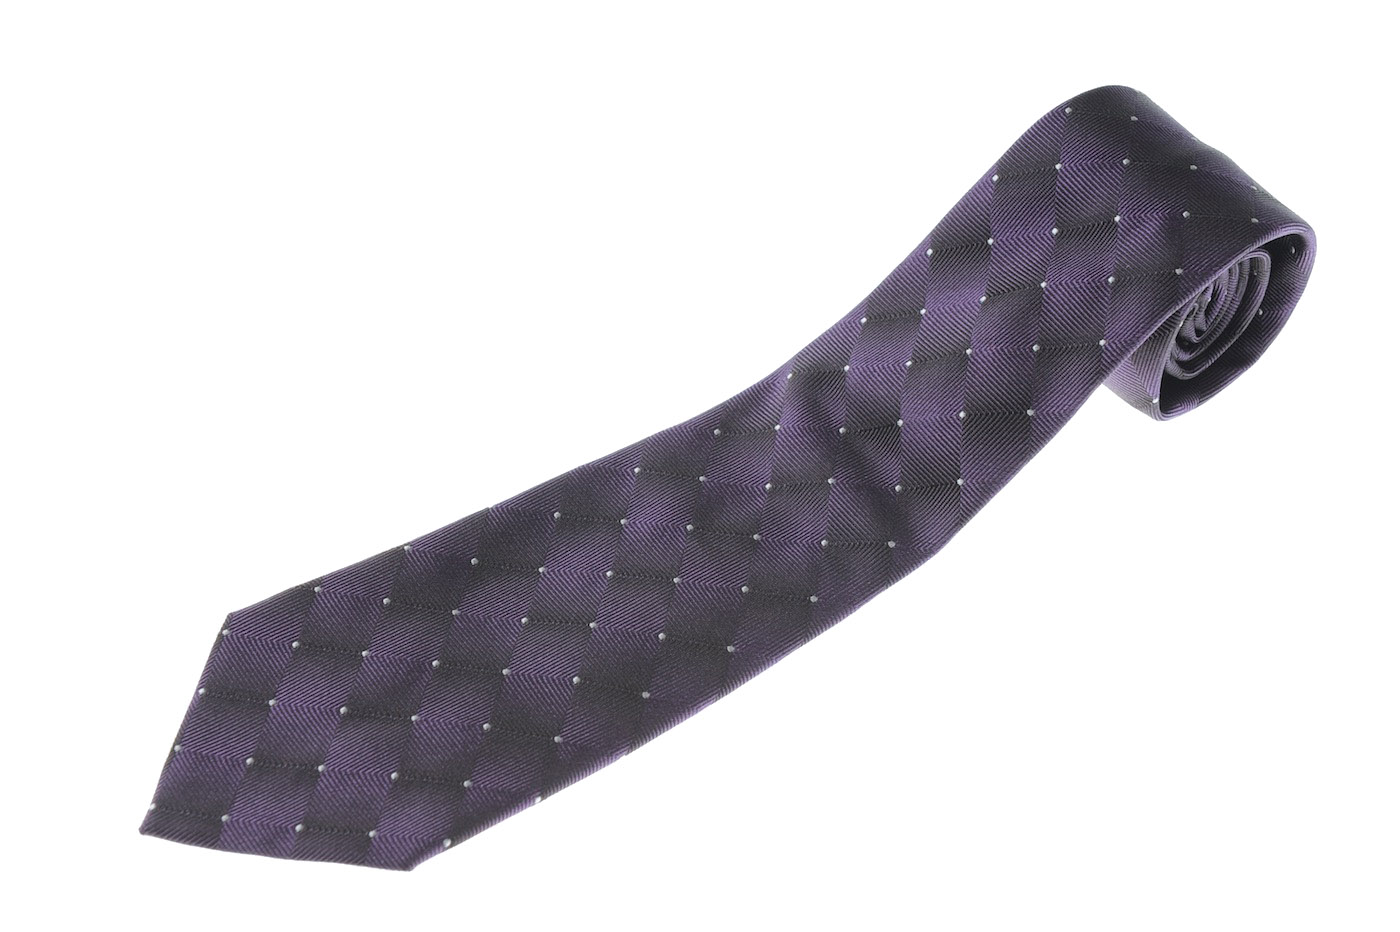 画像1: アルマーニコレツィオーニ ネクタイ 紫 (1)